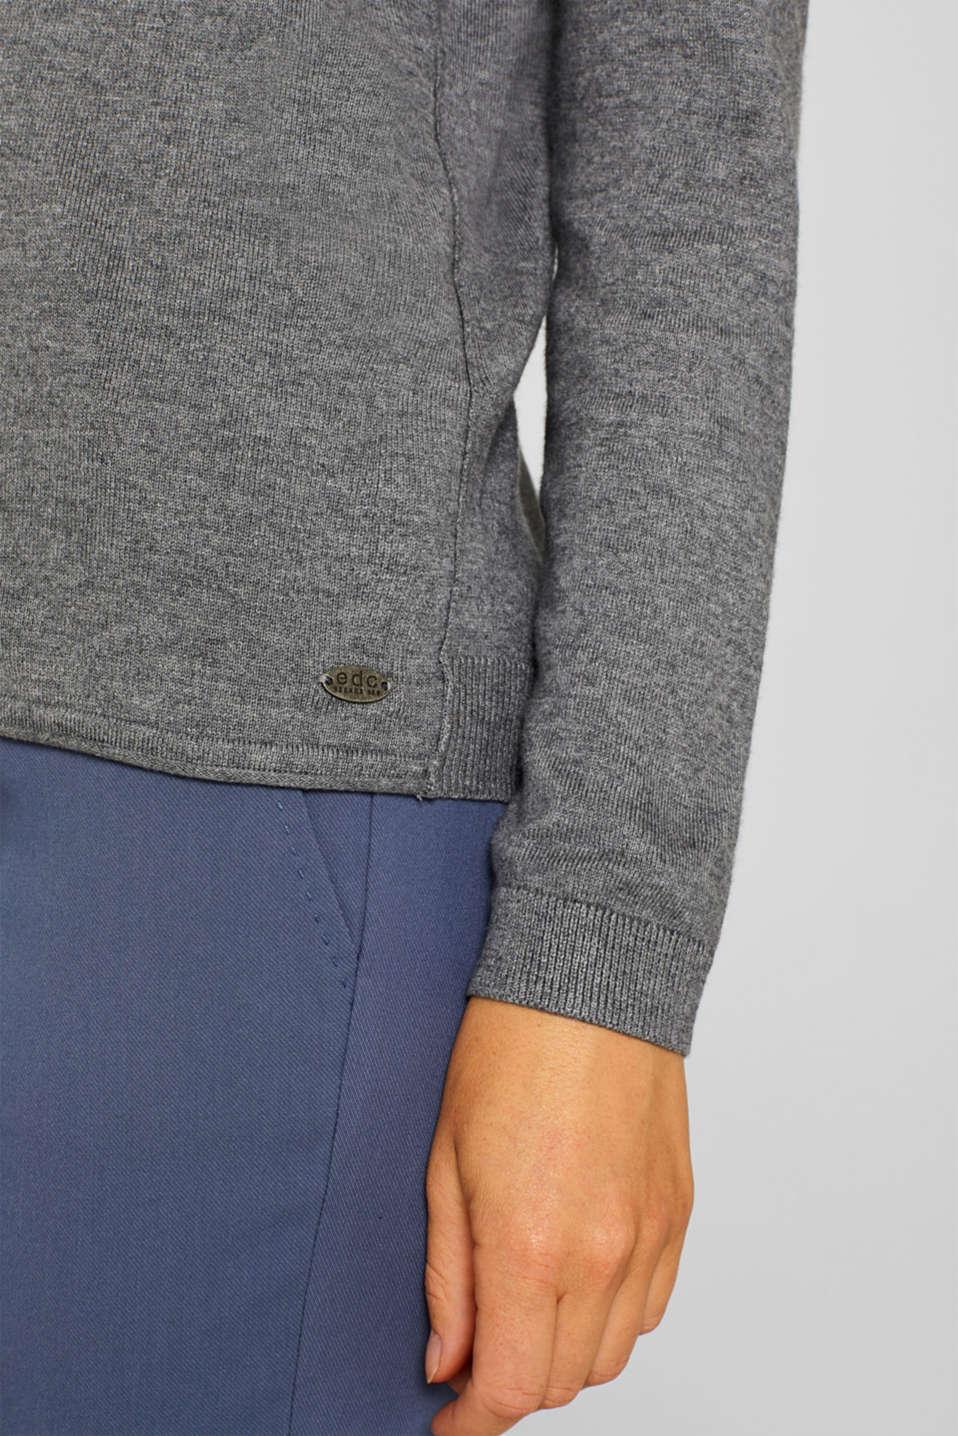 Basic fine knit cardigan, GUNMETAL 5, detail image number 2